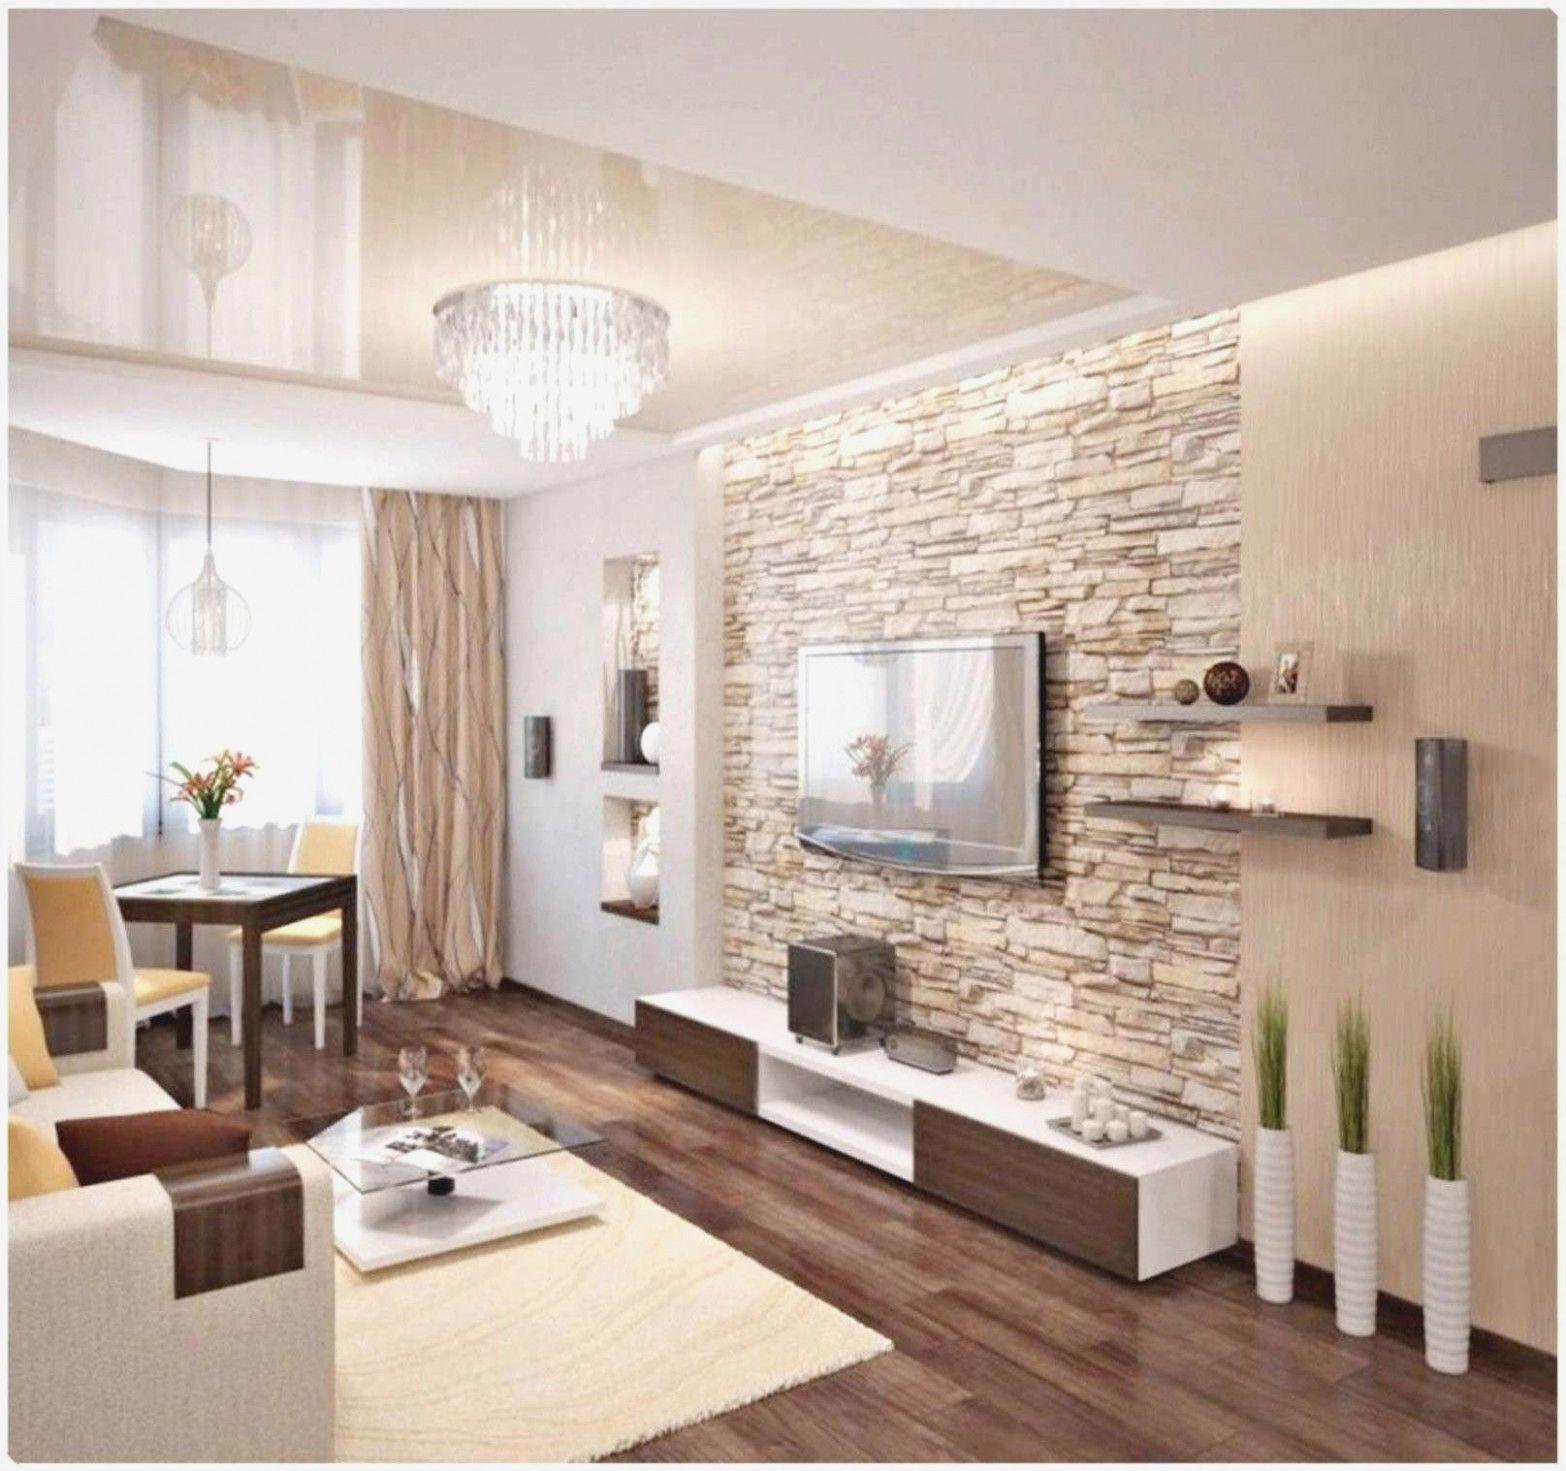 8 Wohnzimmer Ideen Farbgestaltung in 8  Steinwand wohnzimmer